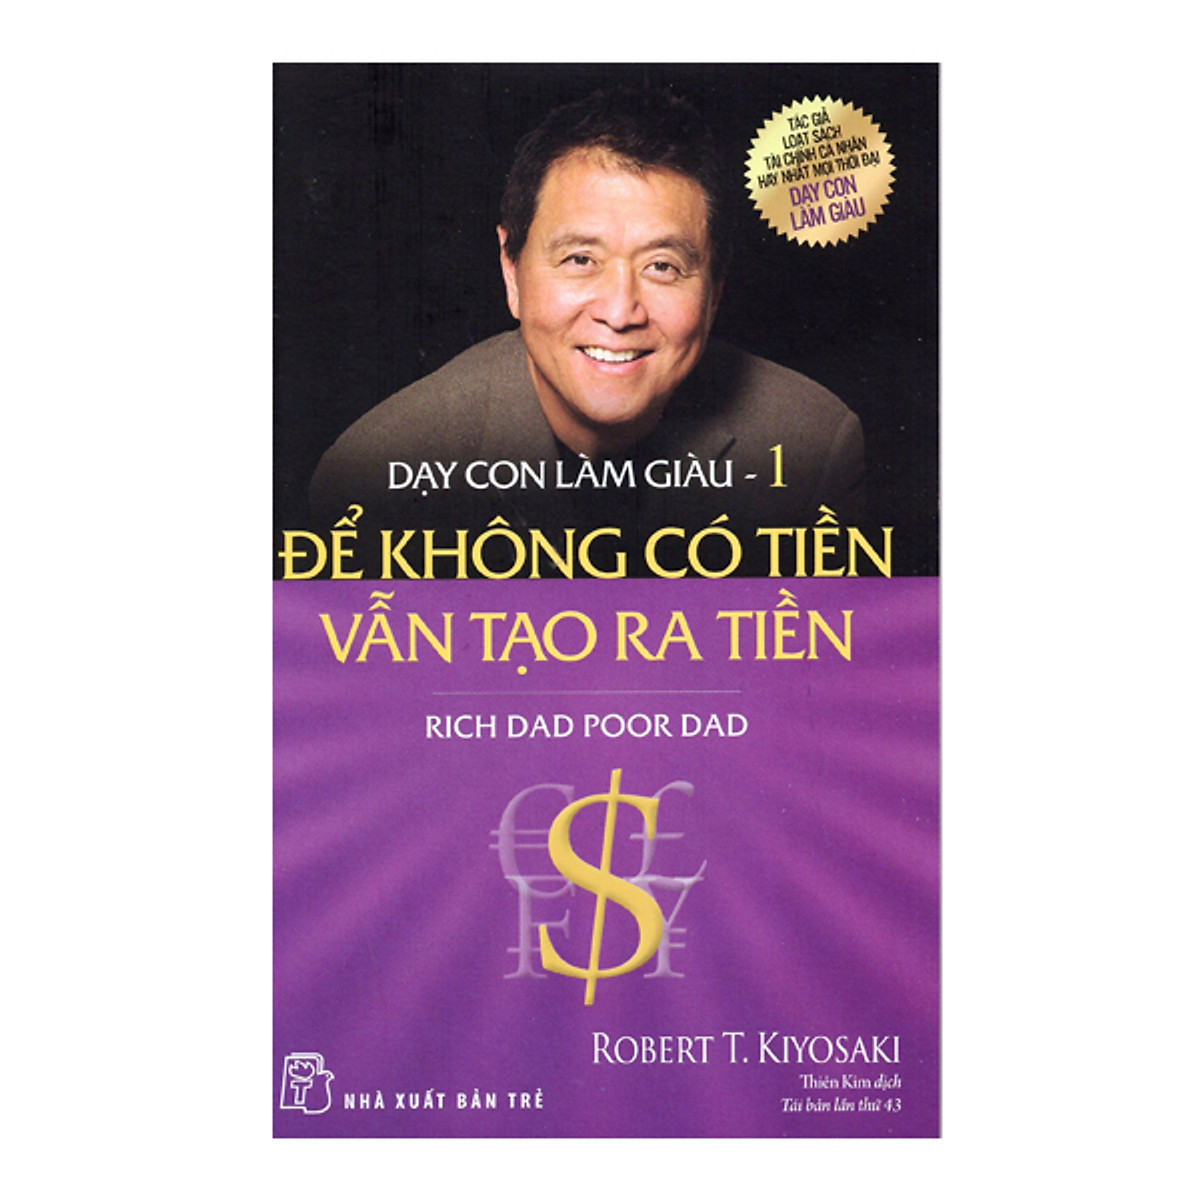 Review Sách Dạy con làm giàu của Robert T Kiyosaki